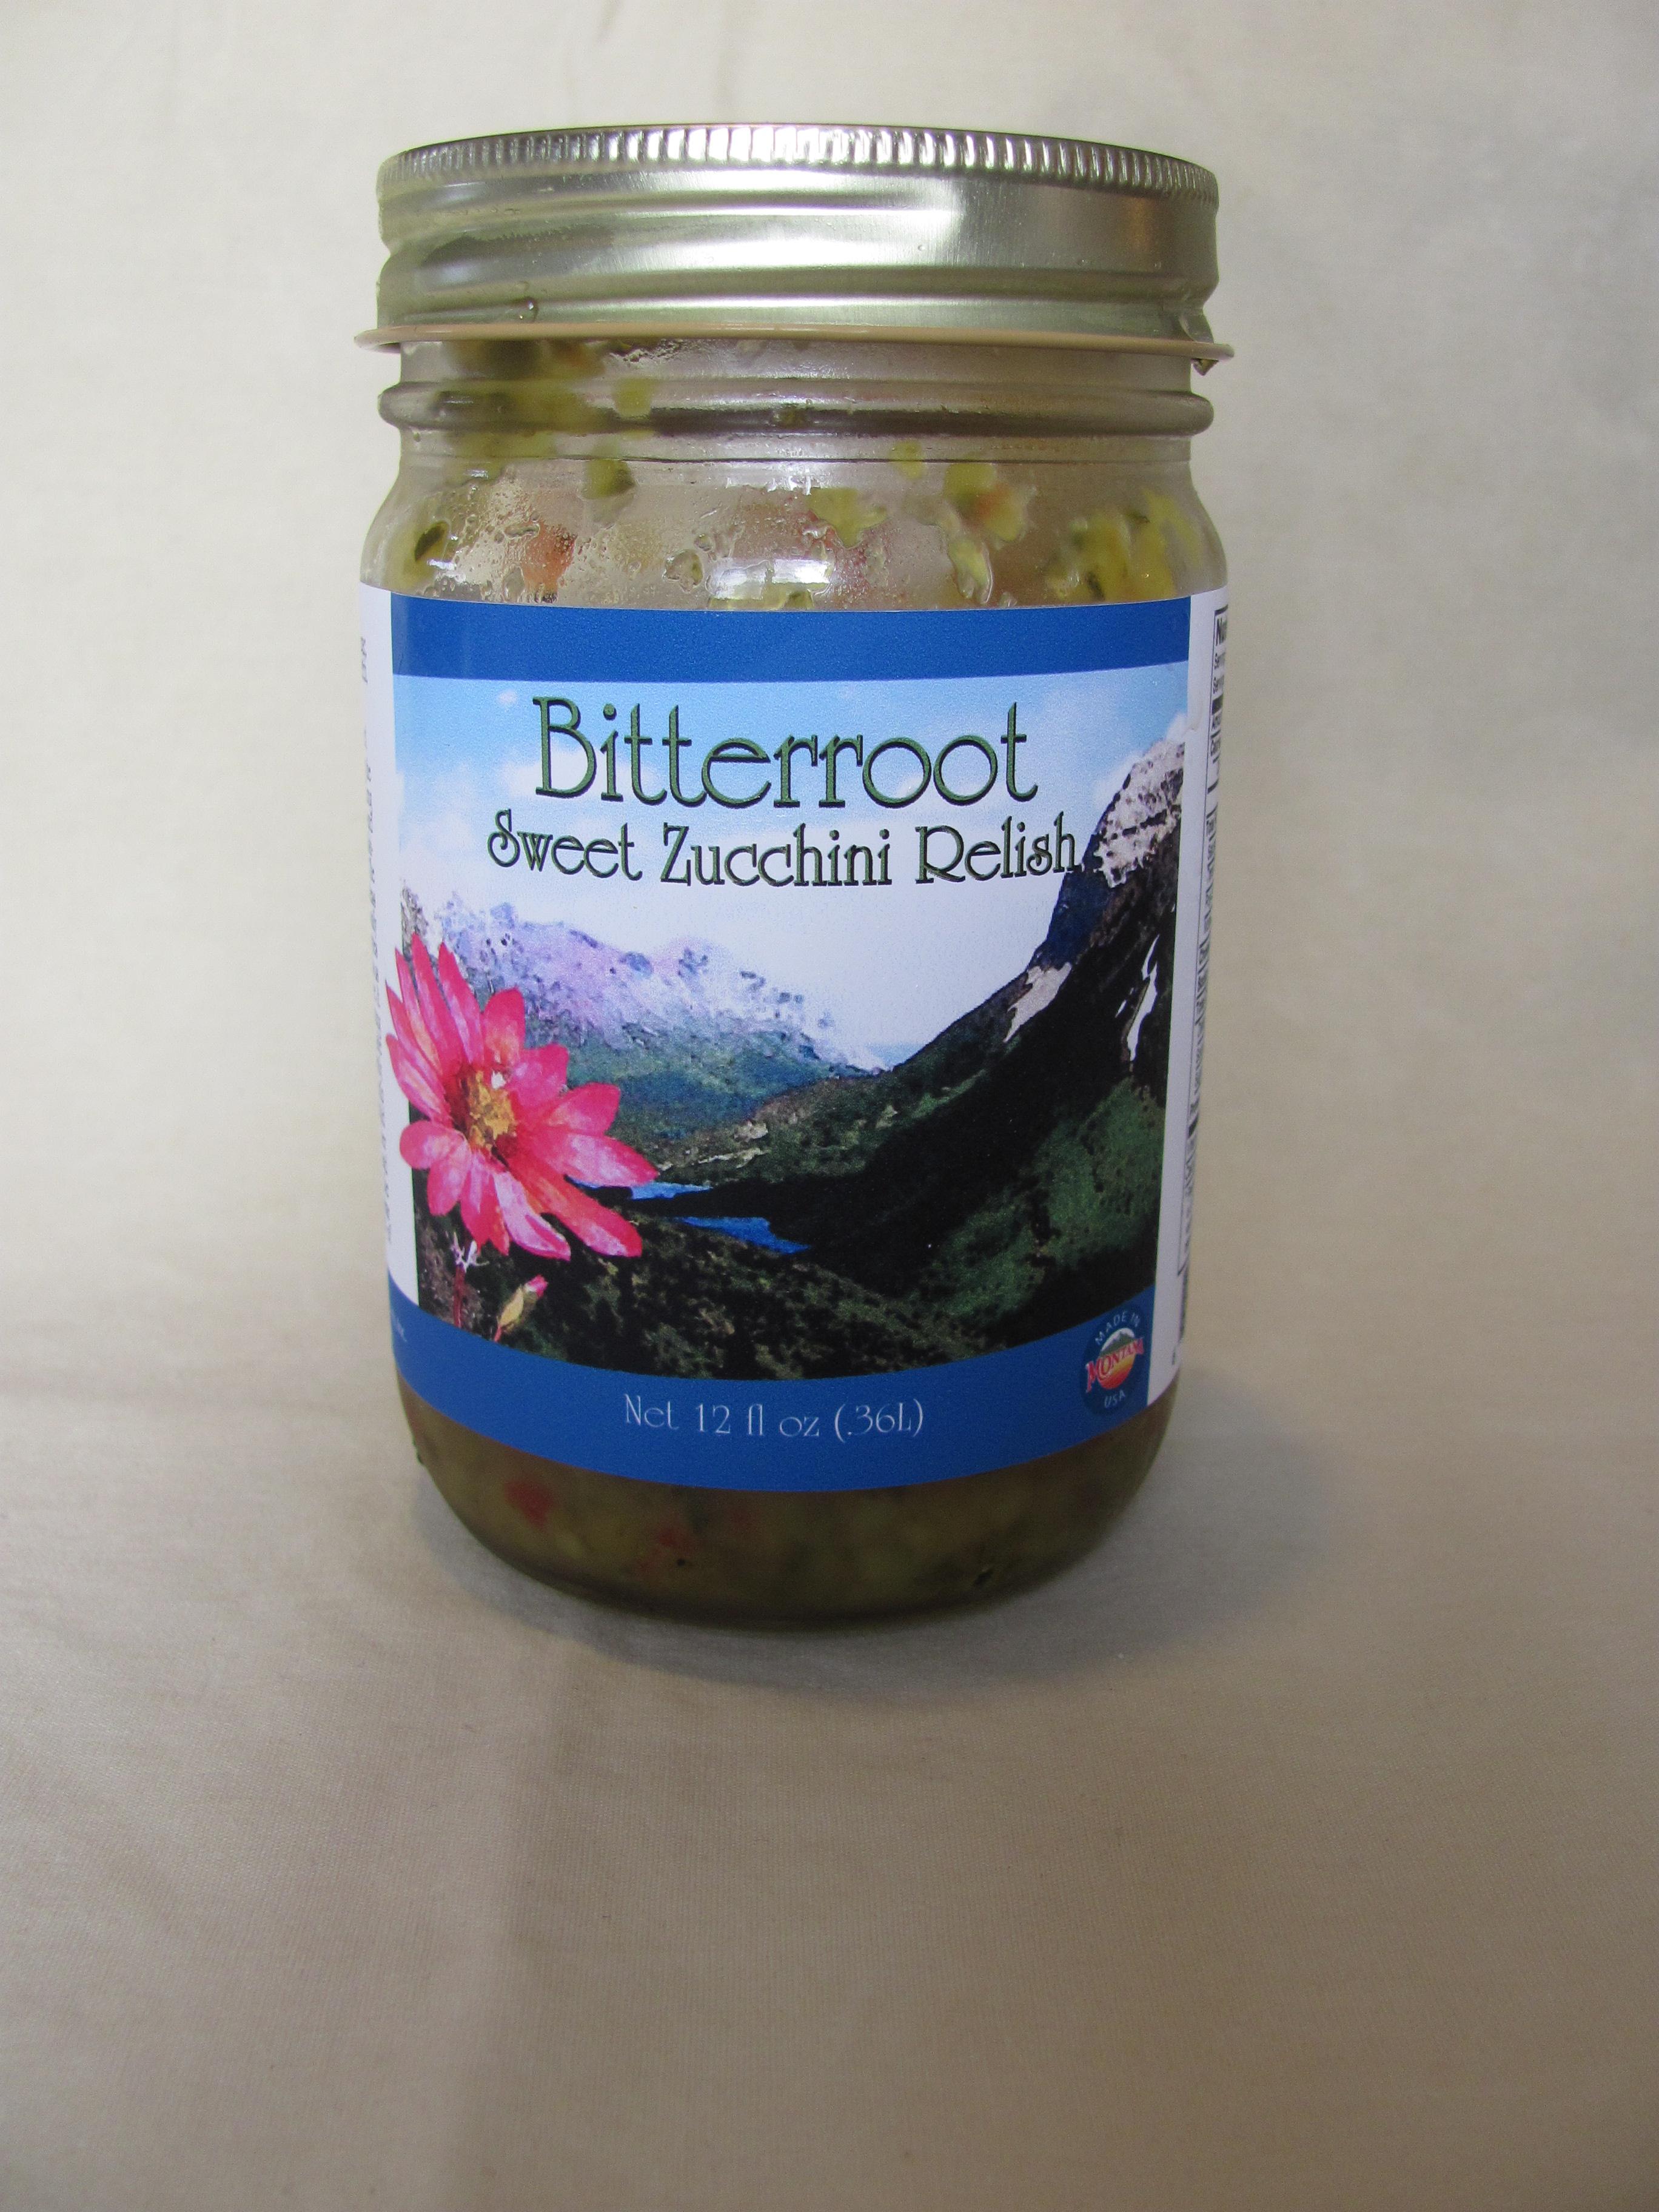 Bitterroot Sweet Zucchini Relish